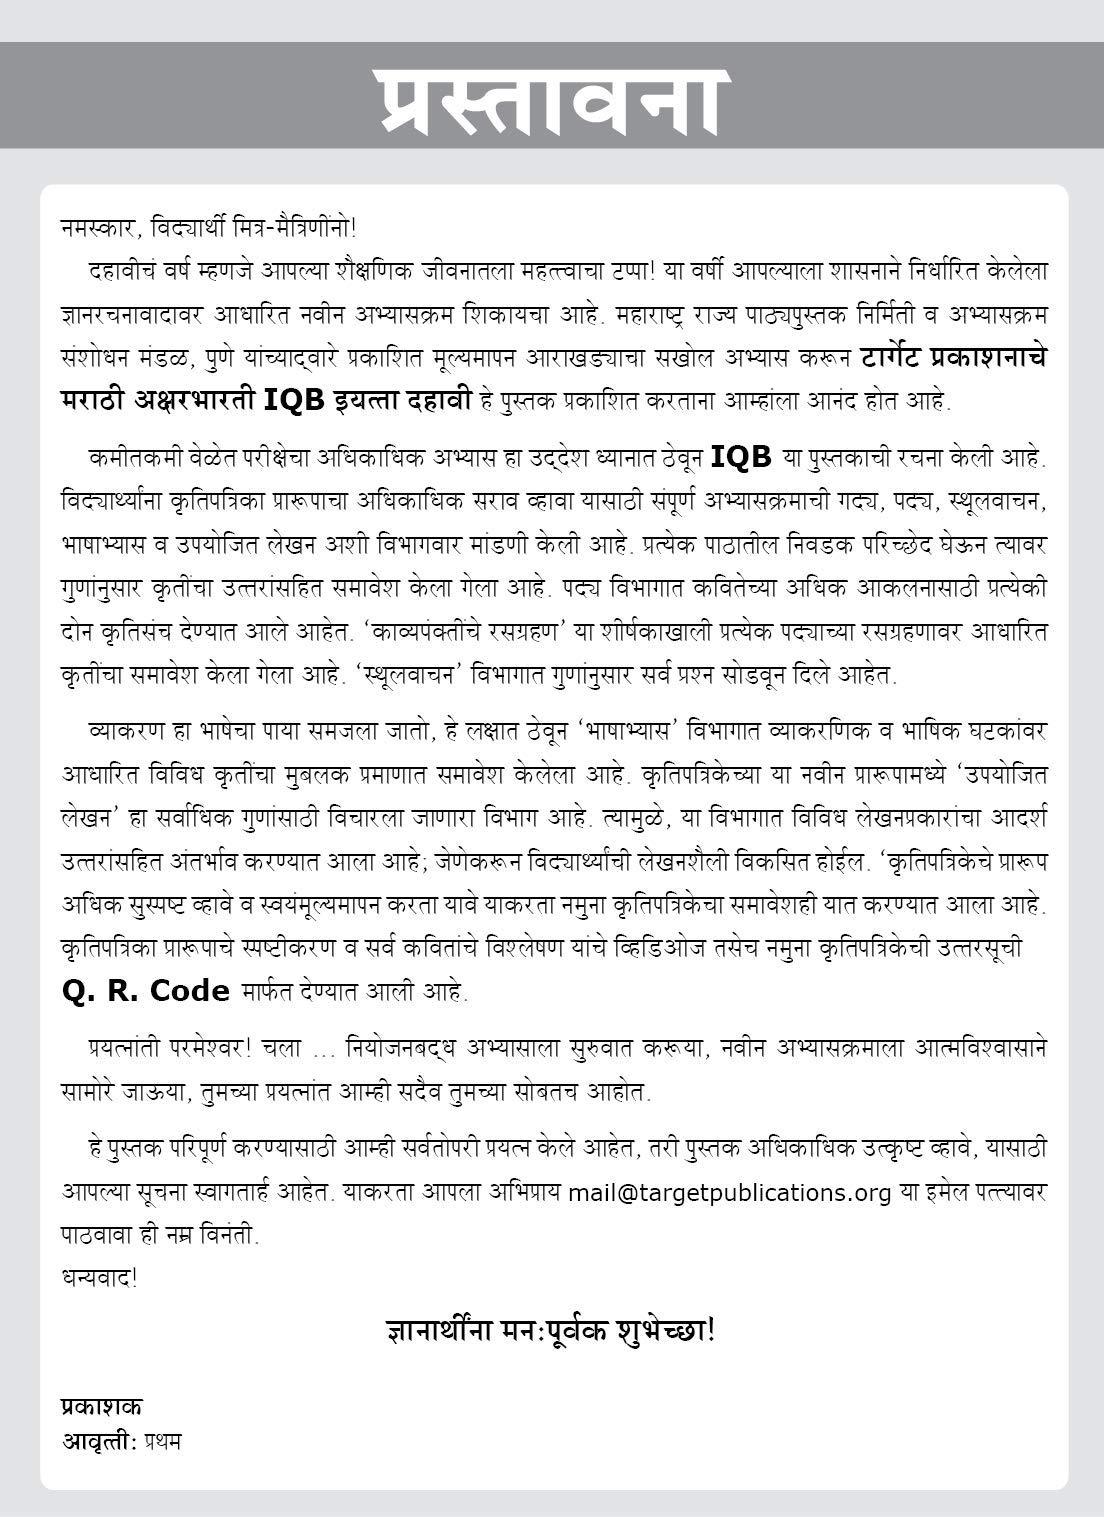 Std 10th IQB Marathi Aksharbharati, English Medium